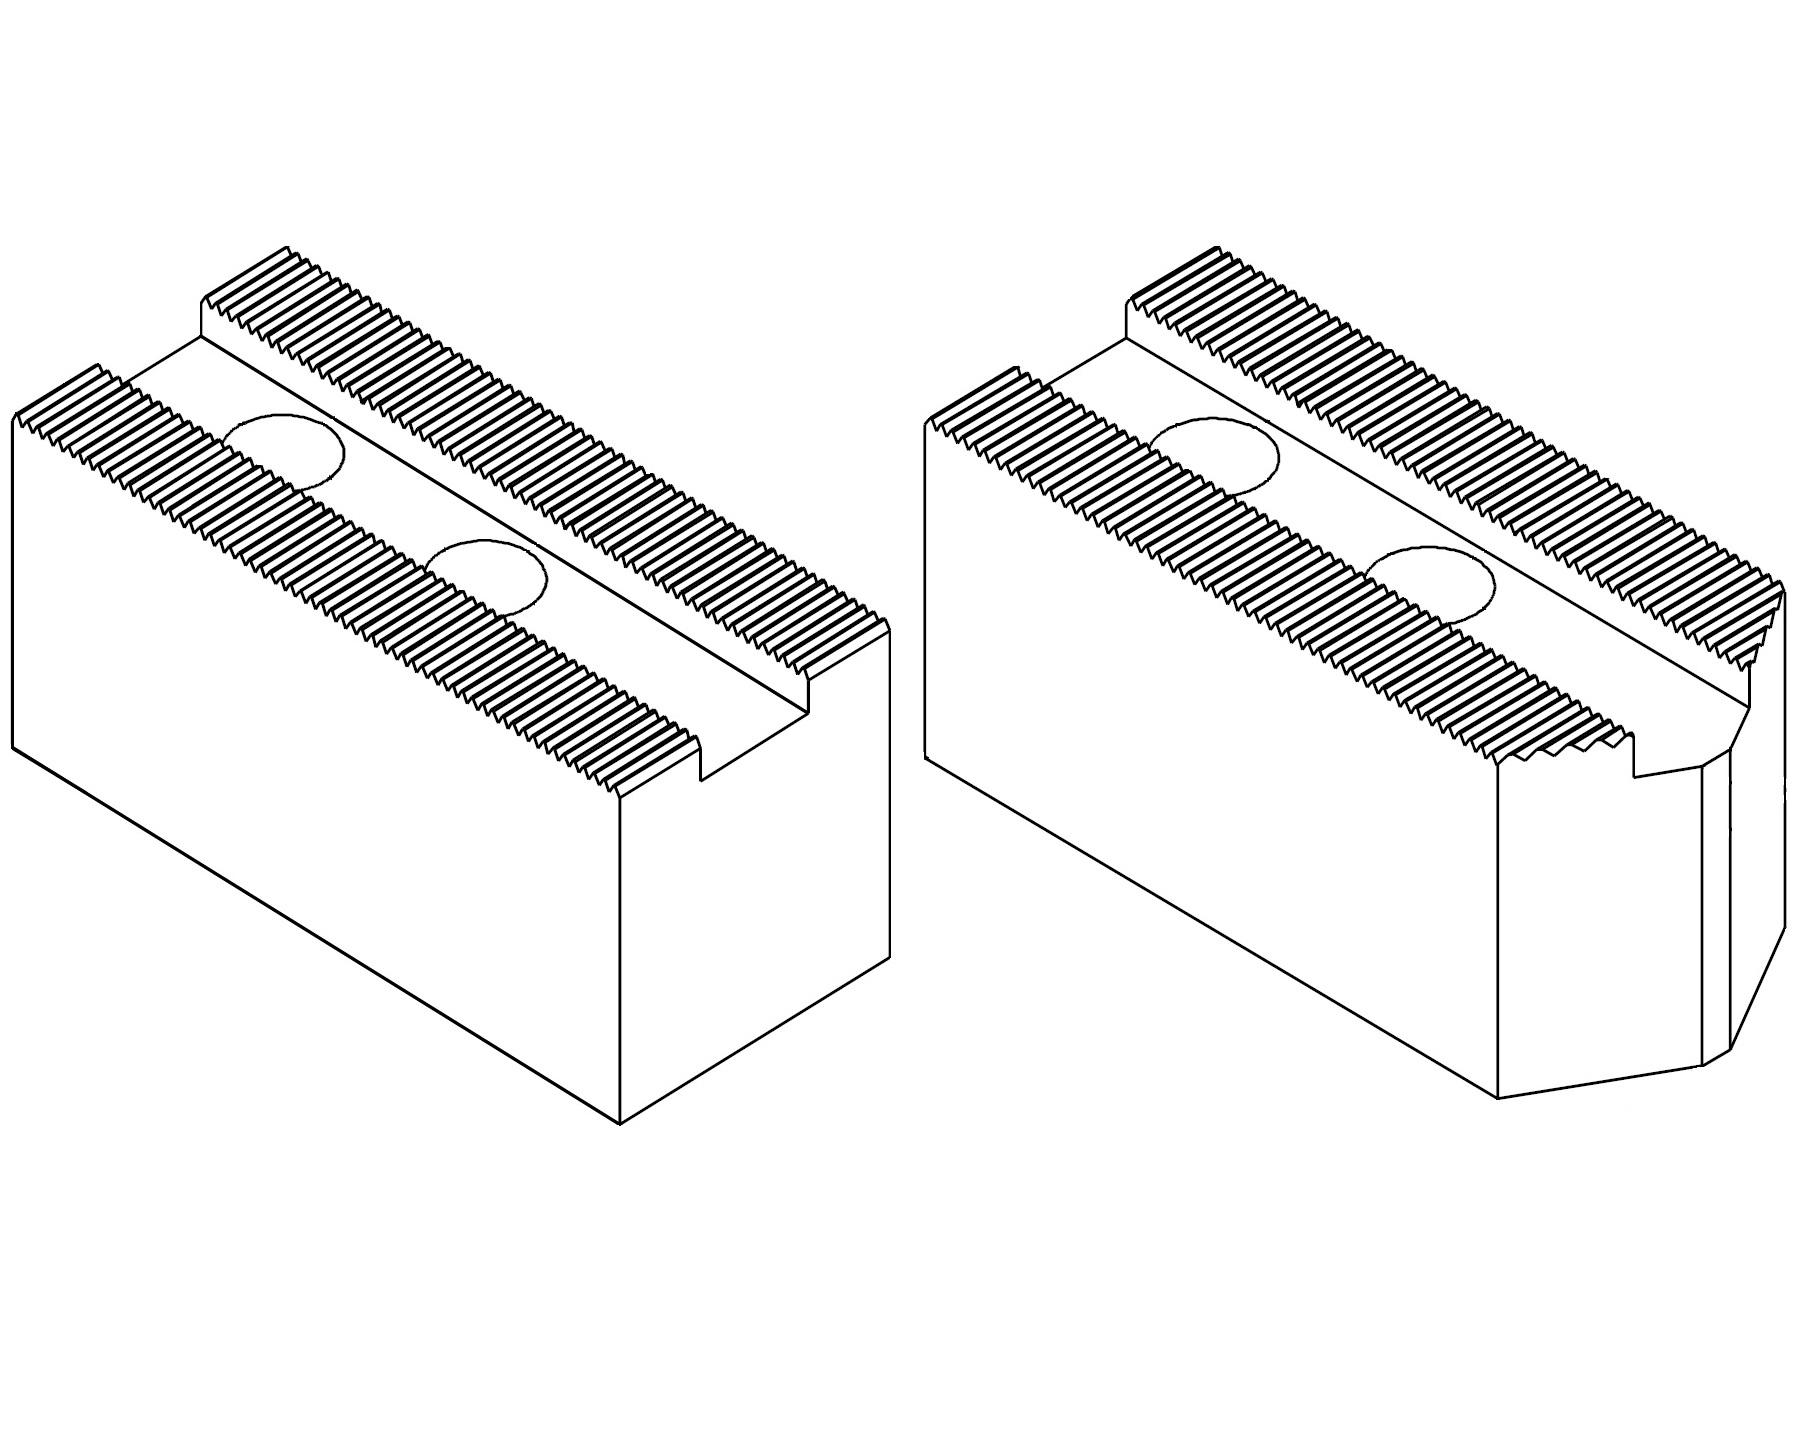 Čelisti měkké 3x60°, šířka drážky - 16 mm